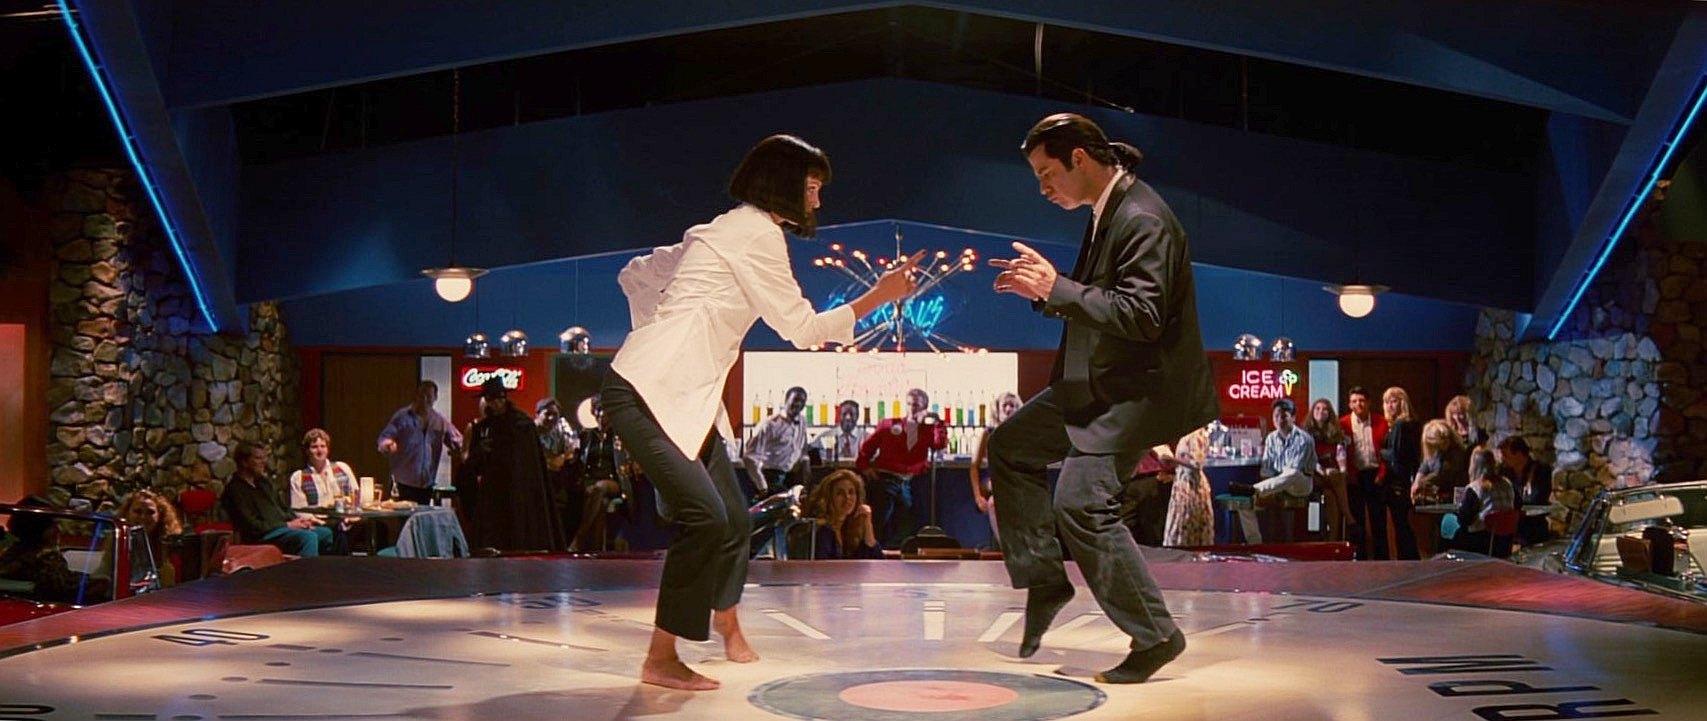 Miała być to poniekąd parodia, a i tak stała się jedną z najsłynniejszych scen tańca w historii kina